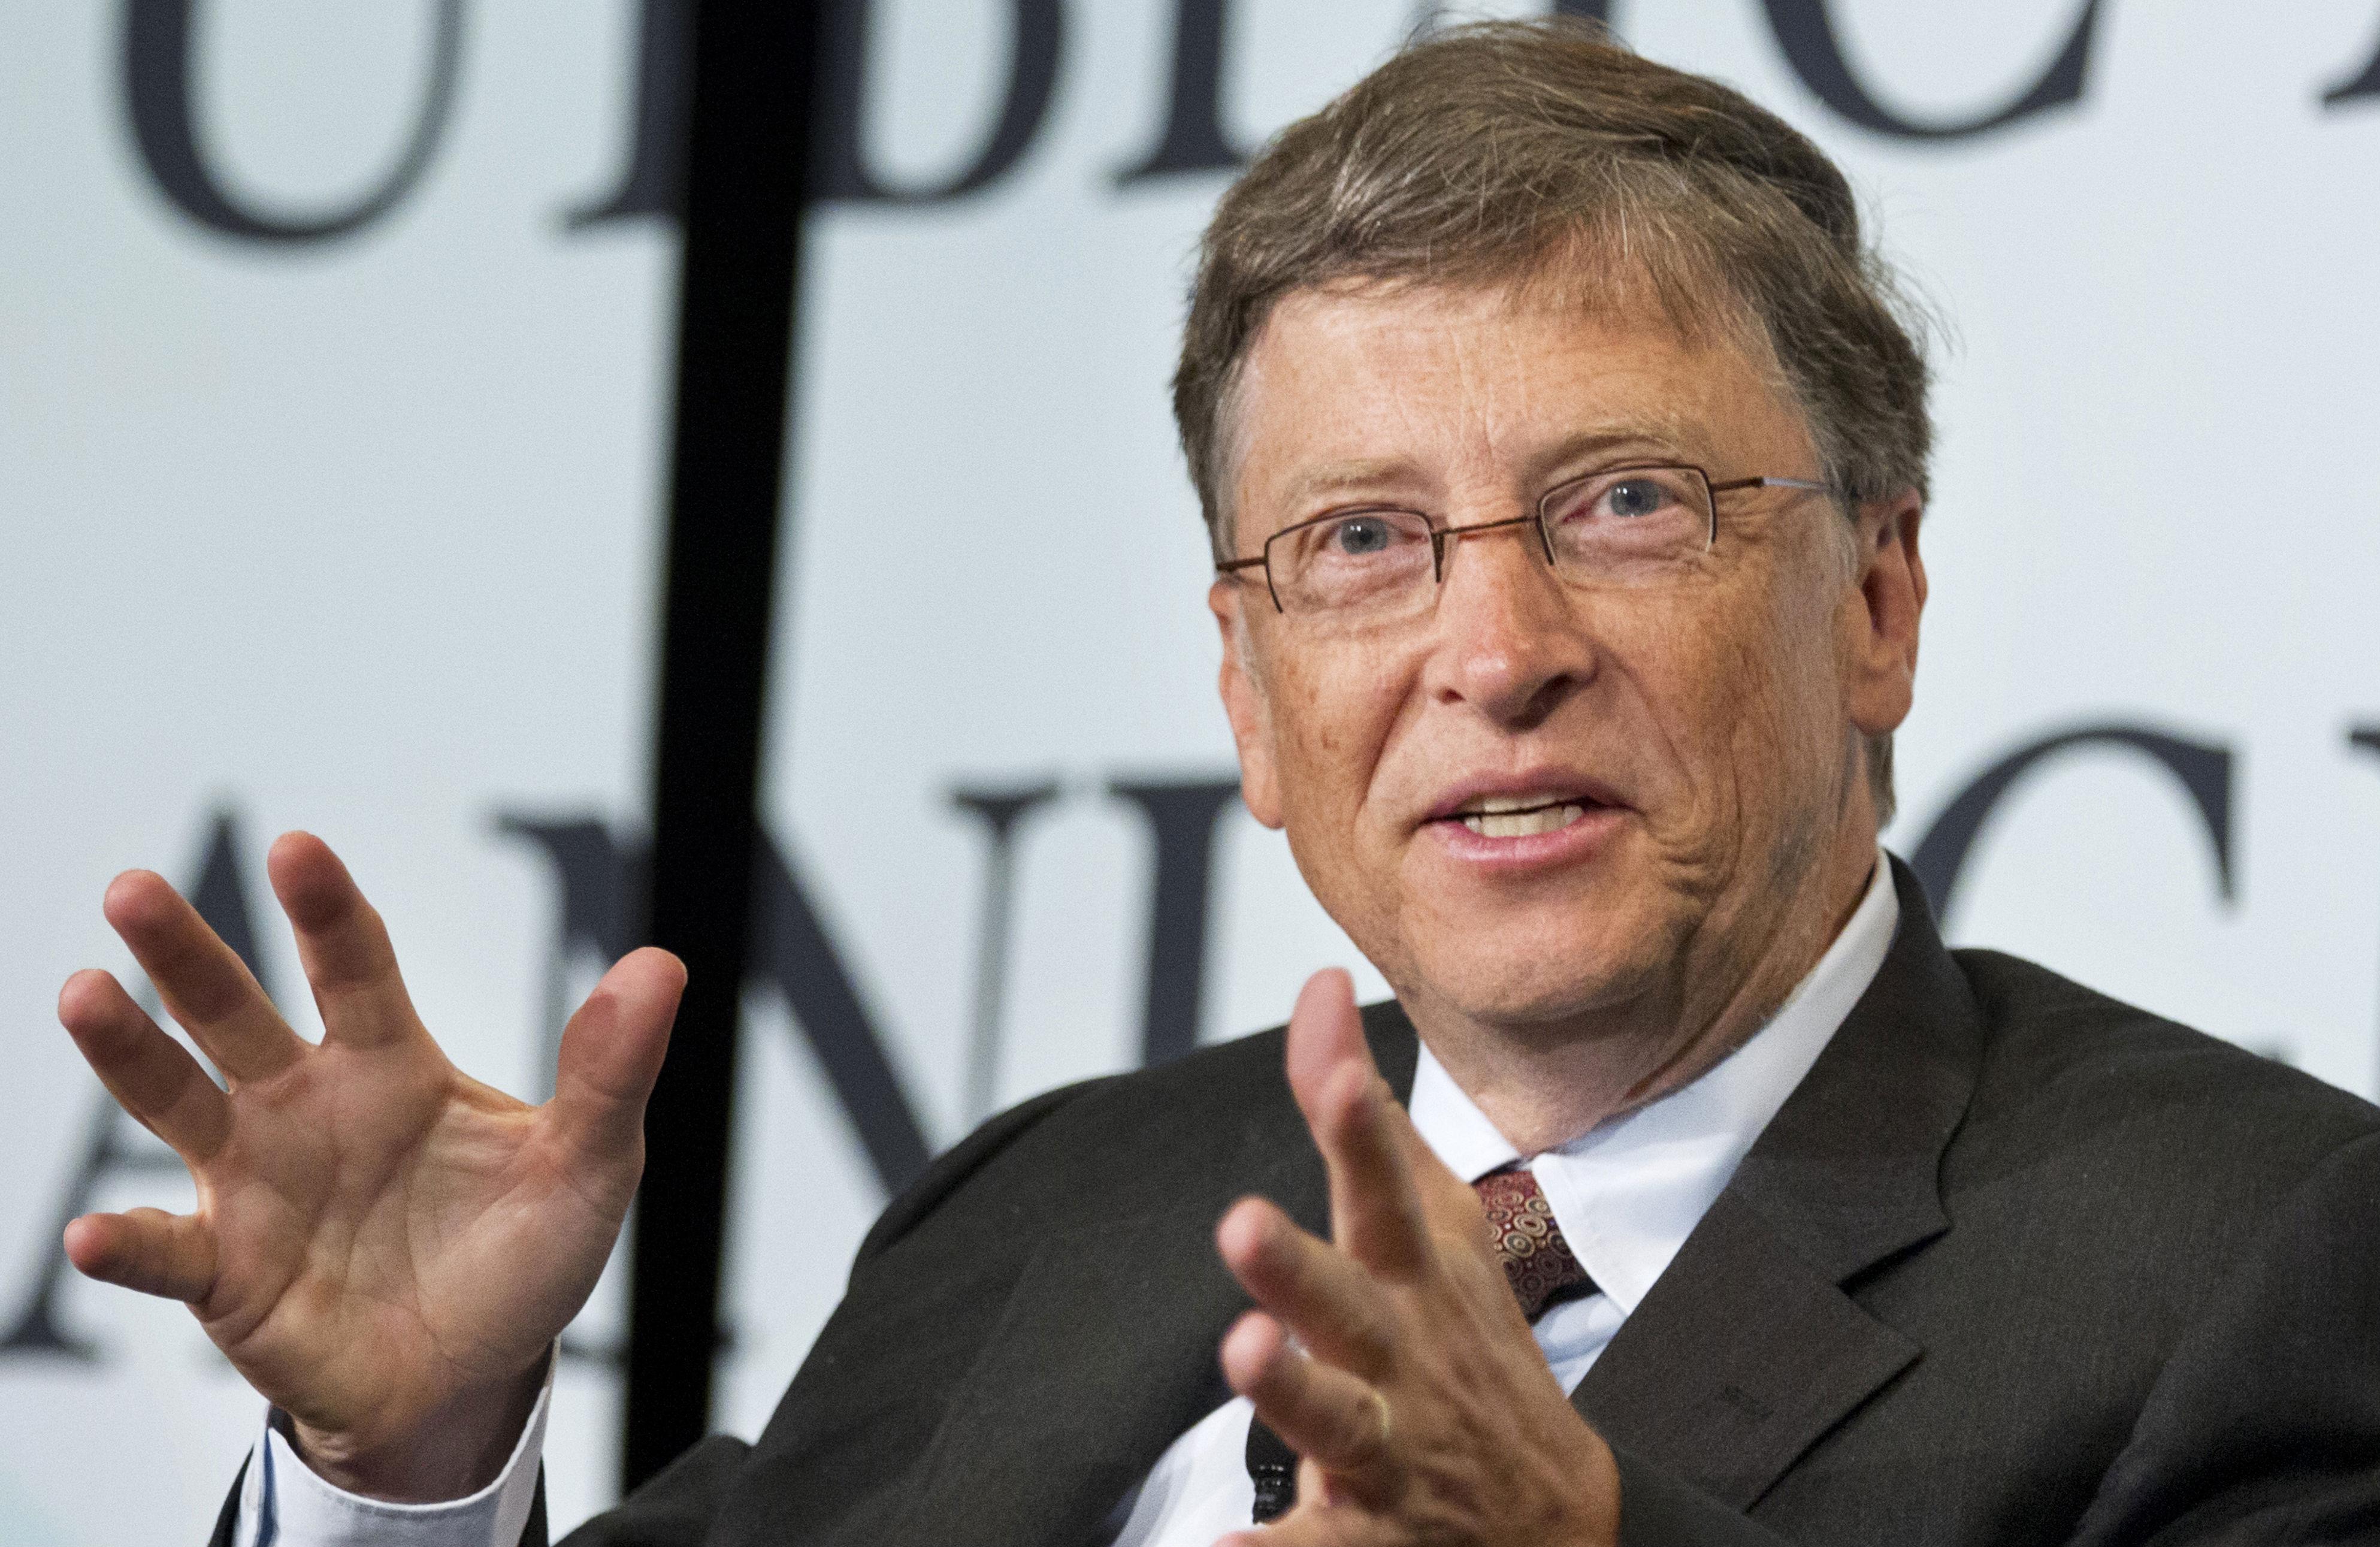 """O Μπιλ Γκέιτς επικεφαλής ταμείου για """"πράσινες"""" τεχνολογίες ενάντια στην κλιματική αλλαγή"""